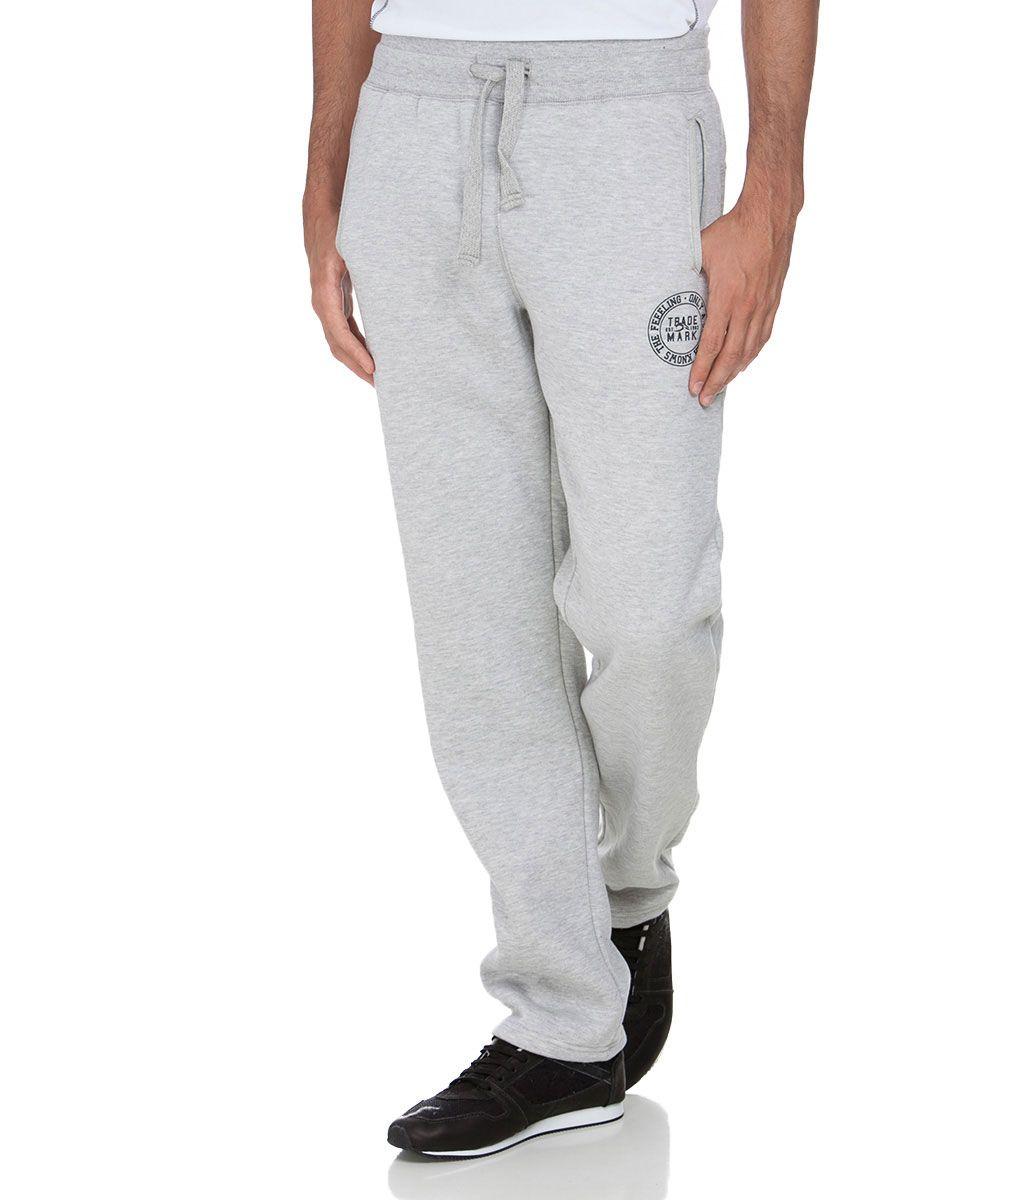 Calça masculina Com amarração Marca  Ripping Tecido  Moletom Composição   60% algodão e 40% poliéster. Modelo veste tamanho  P COLEÇÃO INVERNO 2015  Veja ... 0cf04963de8